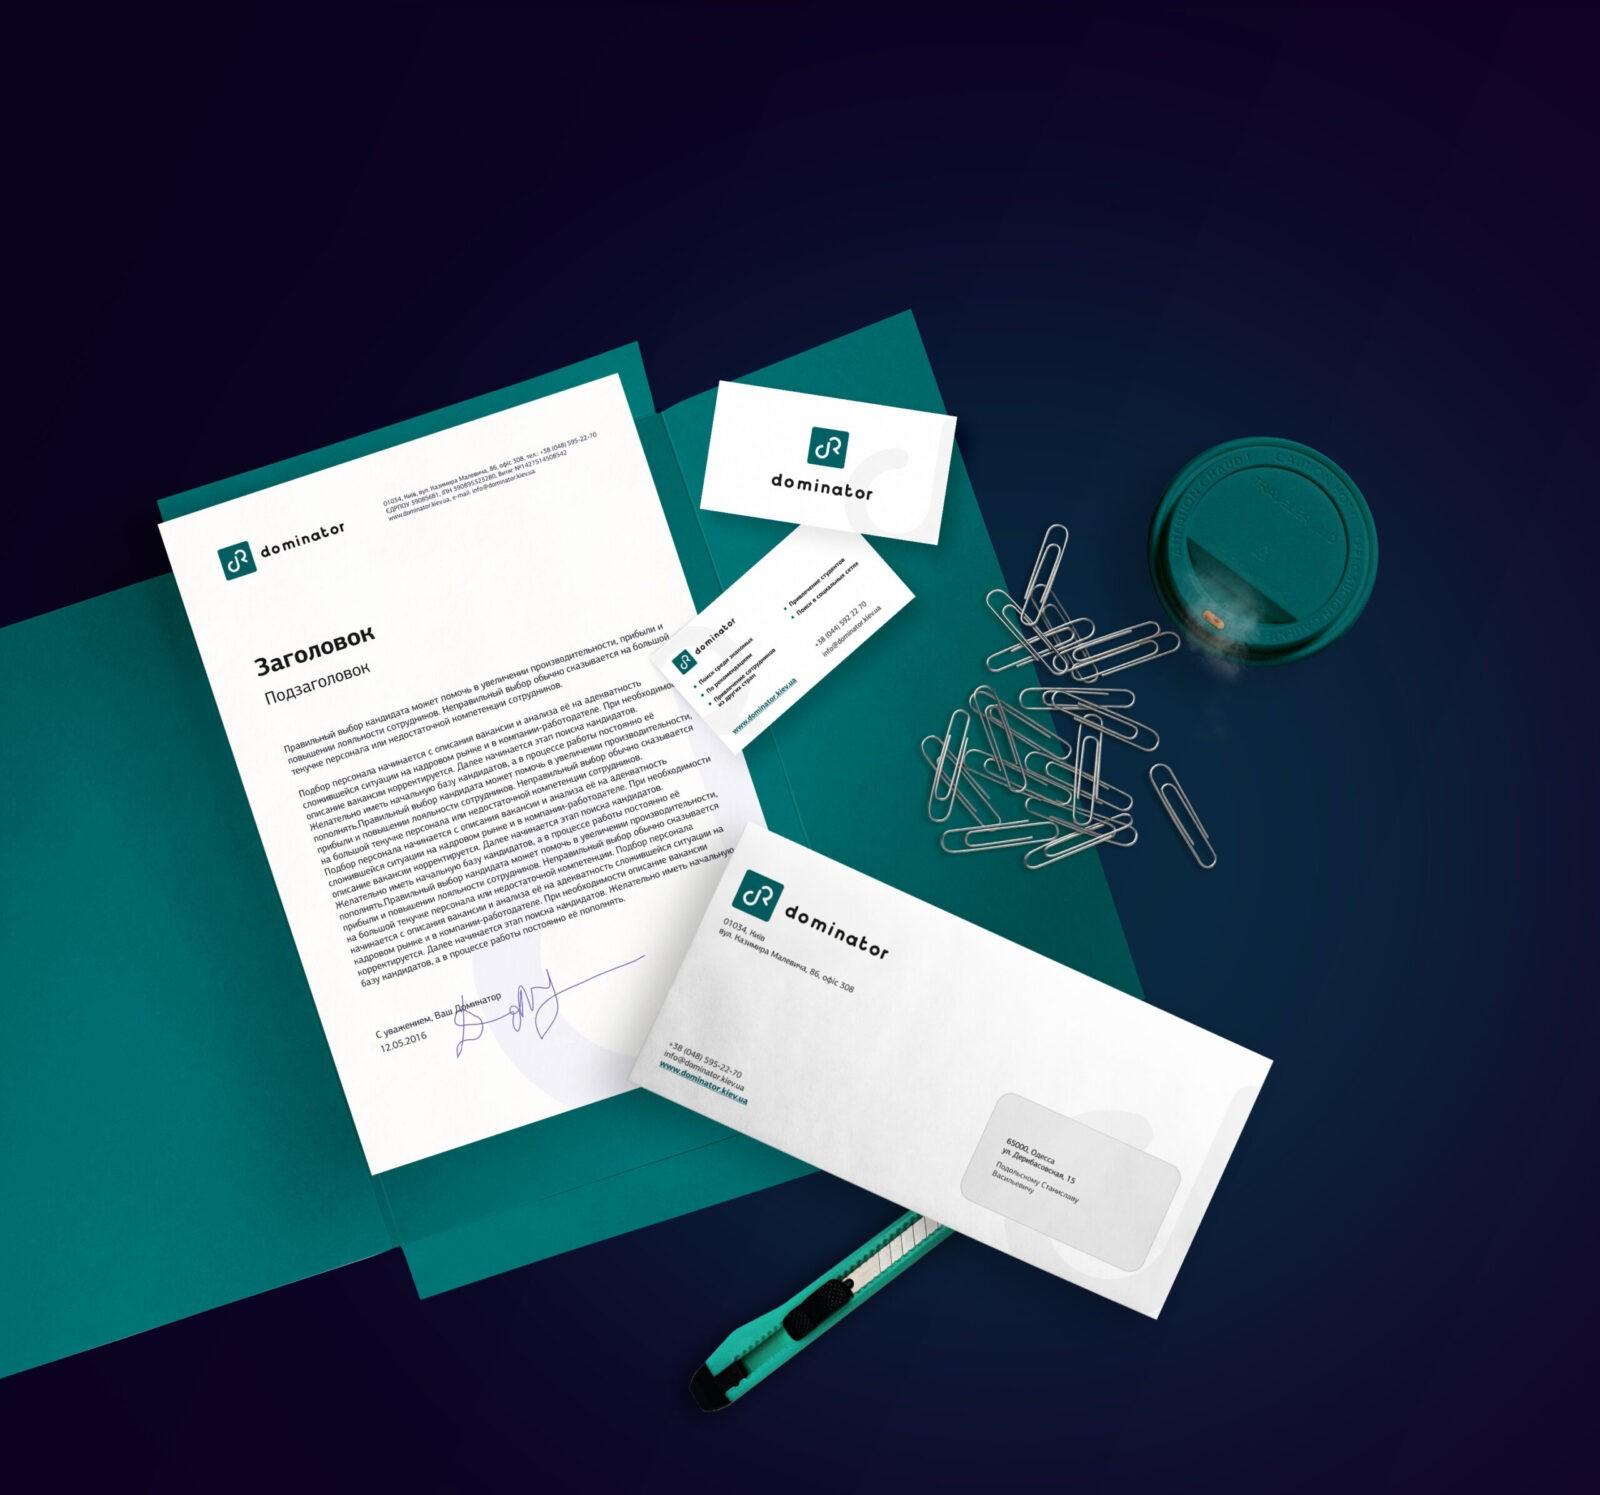 Разработка логотипа и фирменного стиля для компании Dominator